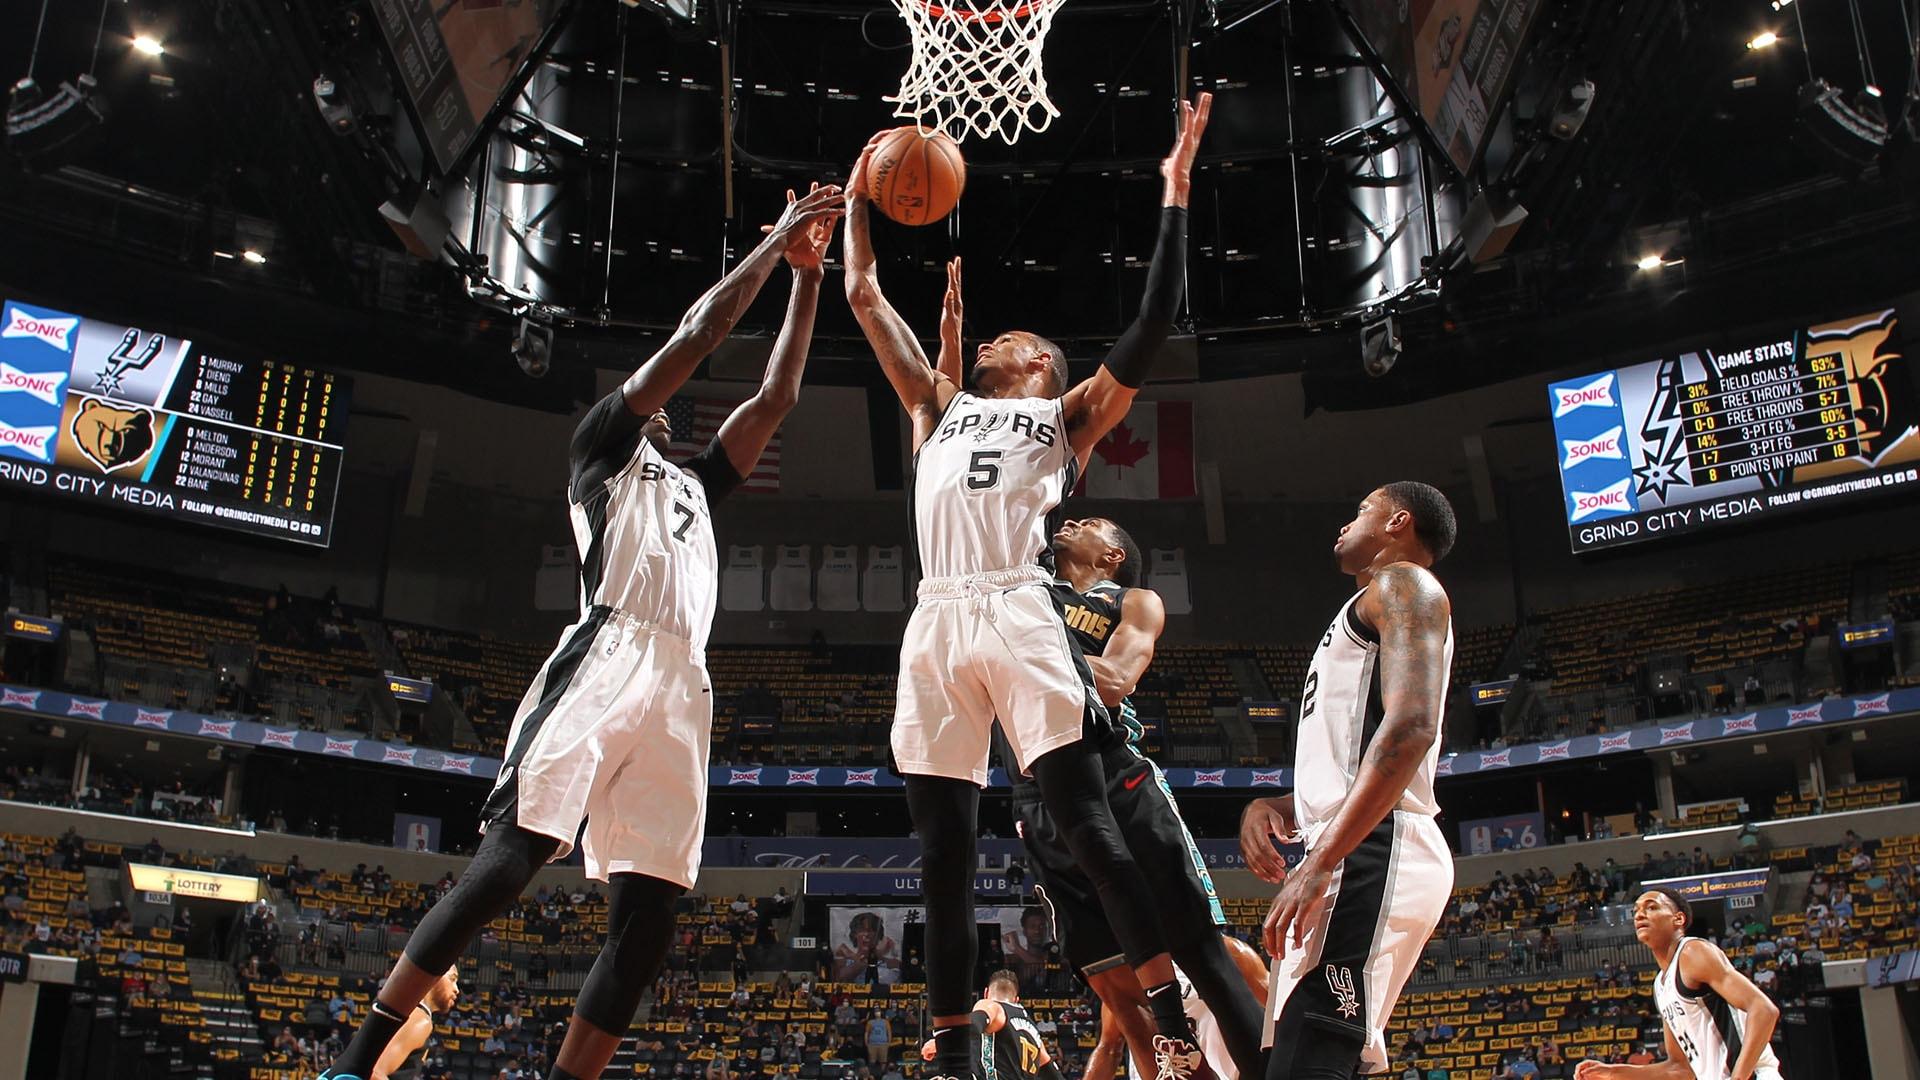 Popovich proud of Spurs despite elimination